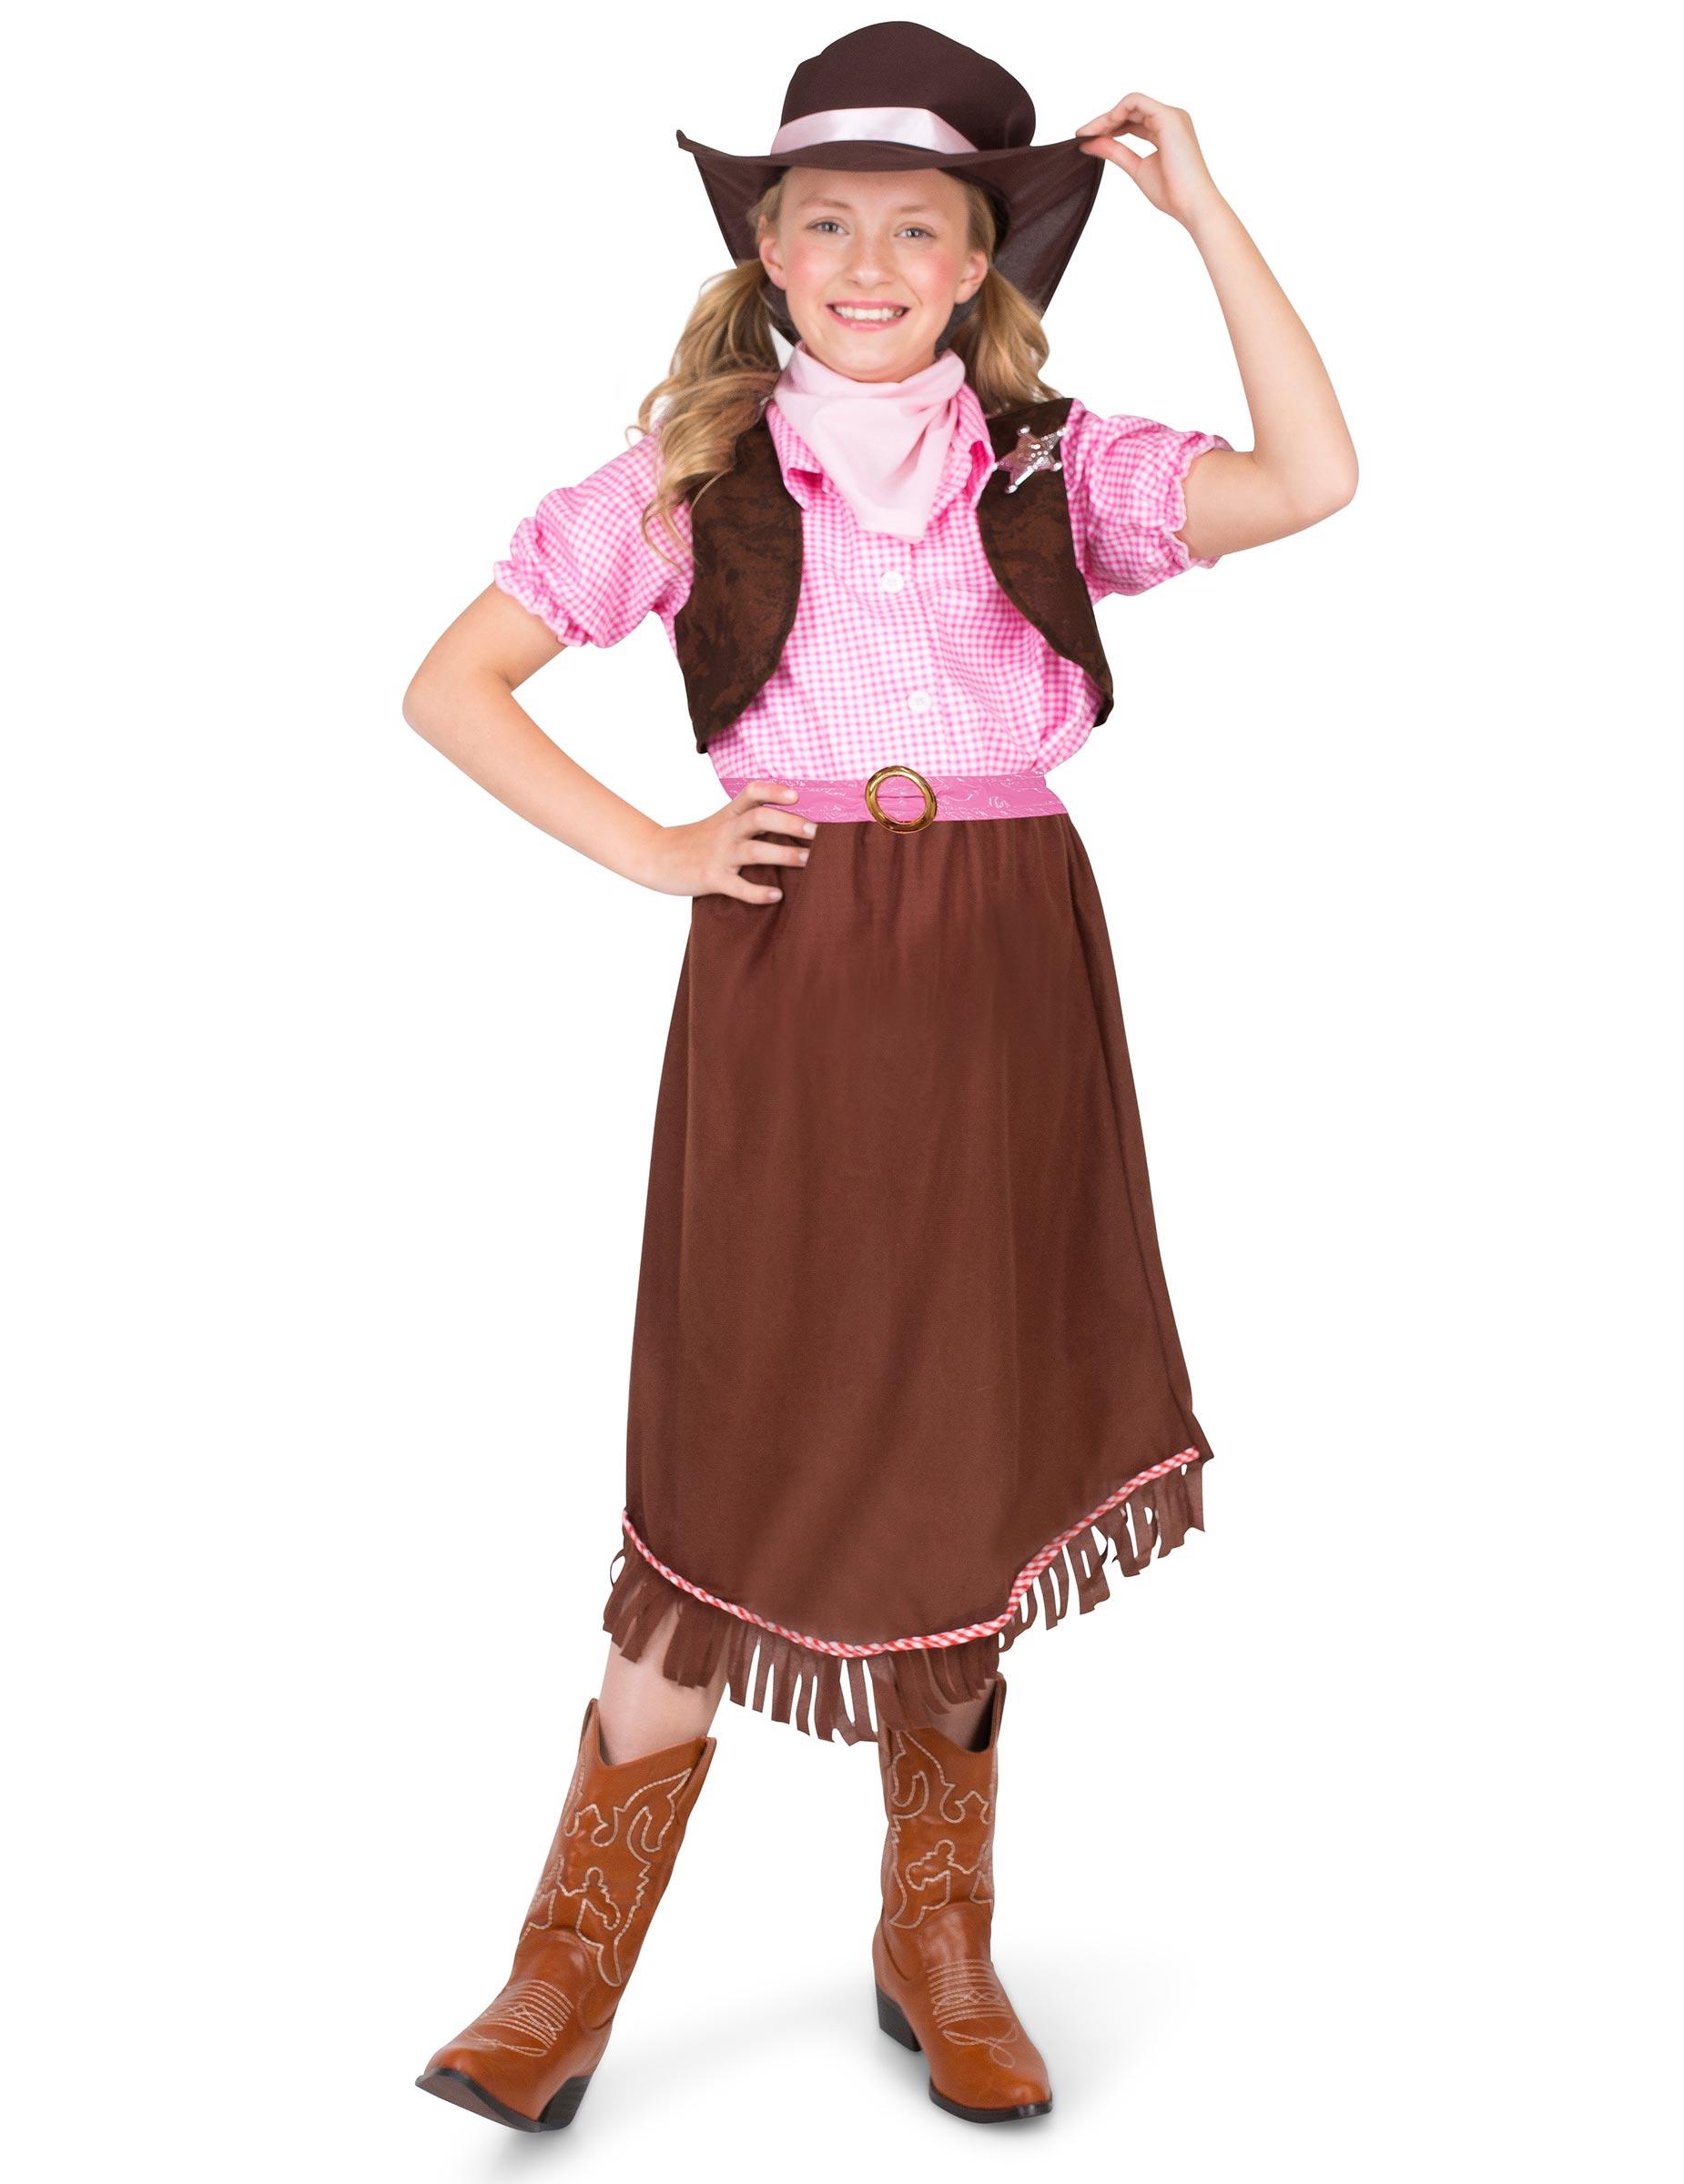 7079da1c315a Costume da sceriffo per bambina: Costumi bambini,e vestiti di ...